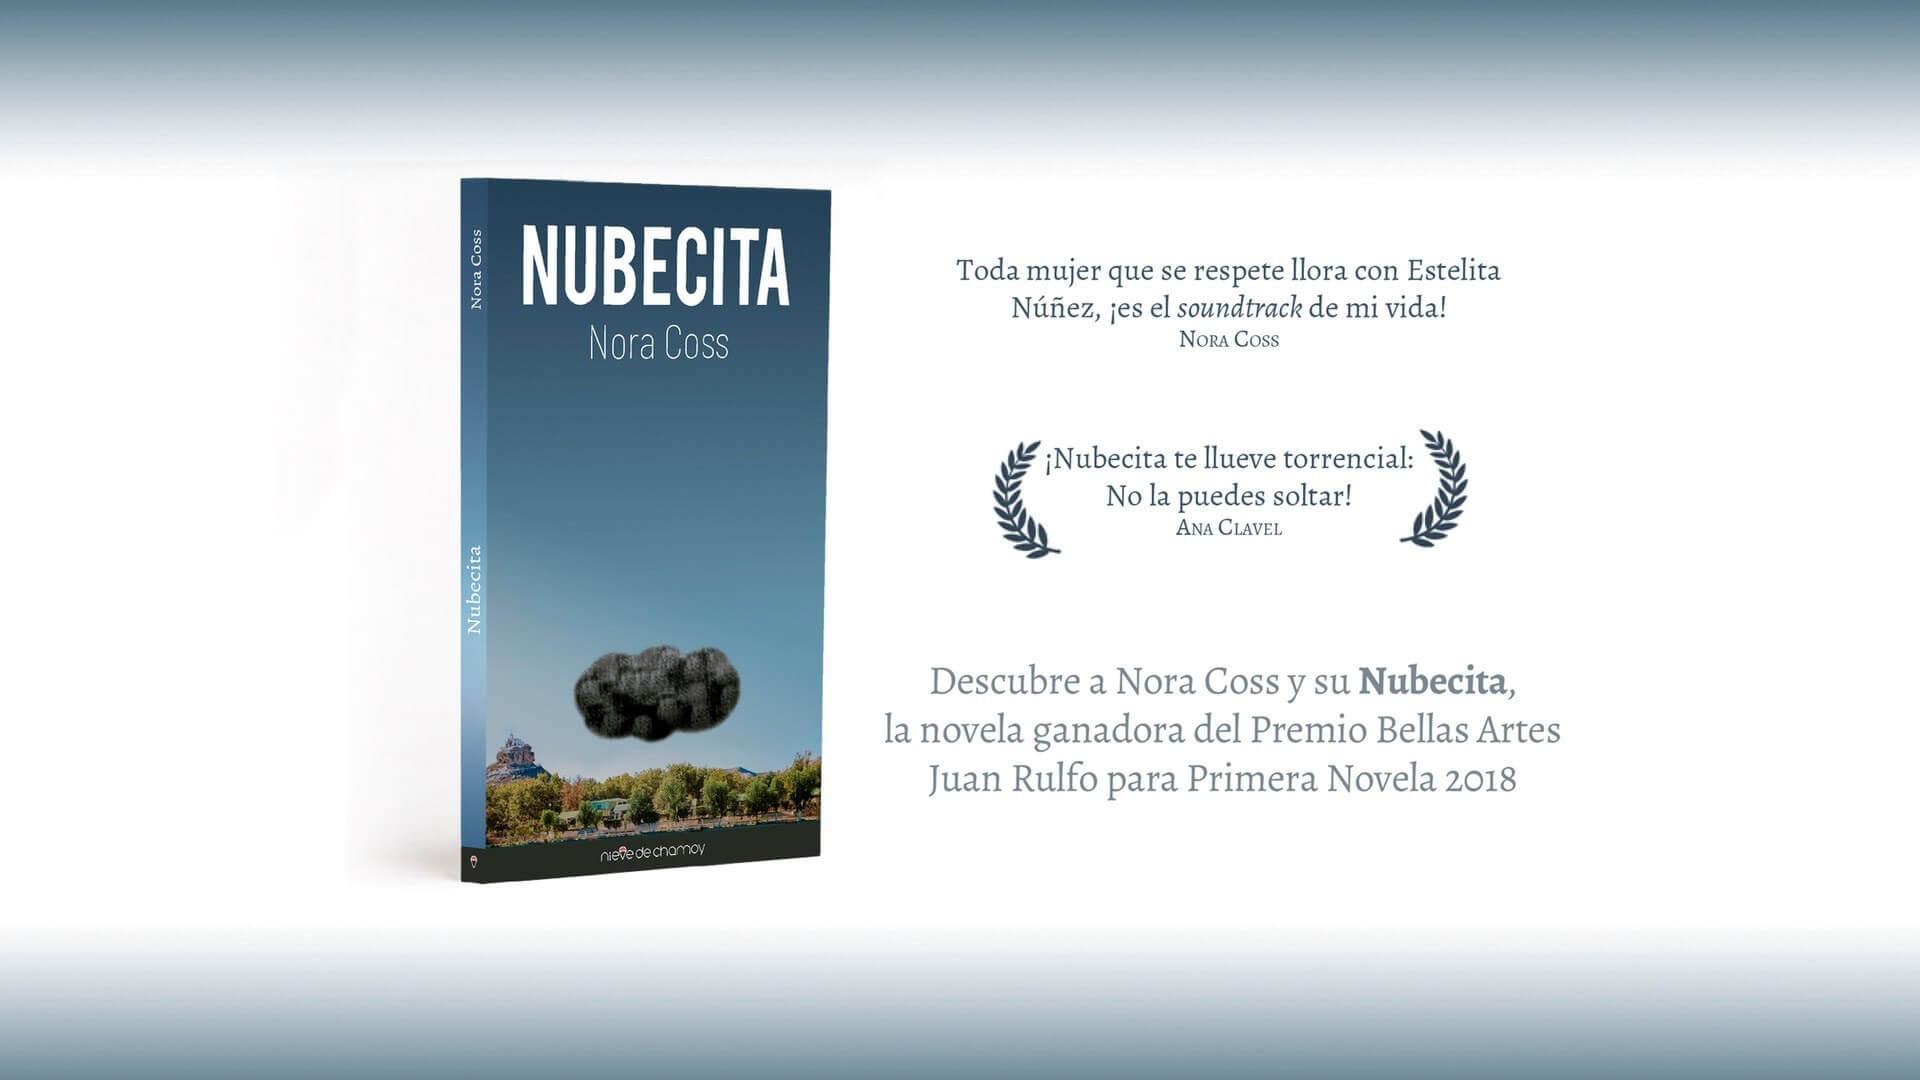 Flyer-Nubecita-sin-trama_web (1) (1)